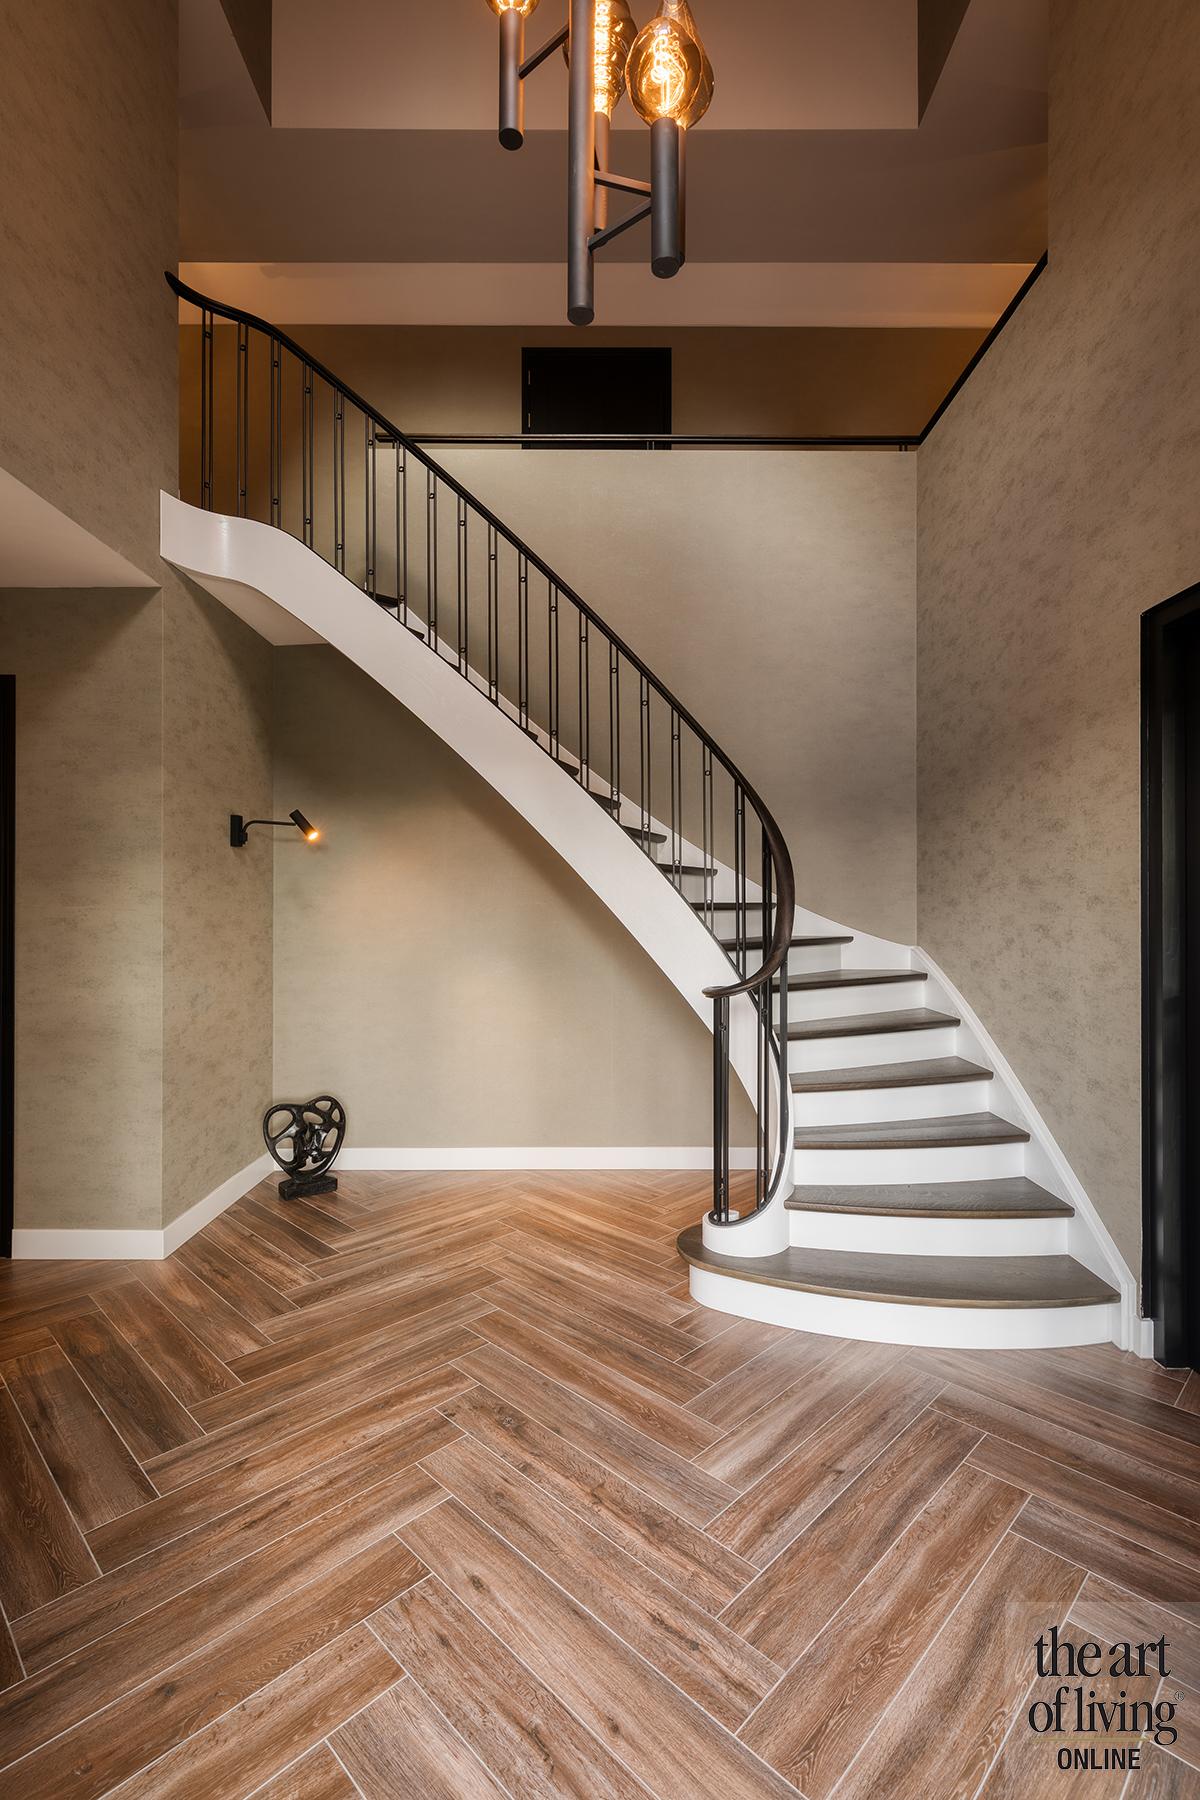 duurzame woning, brand bba architecten, villa, modern, landelijk